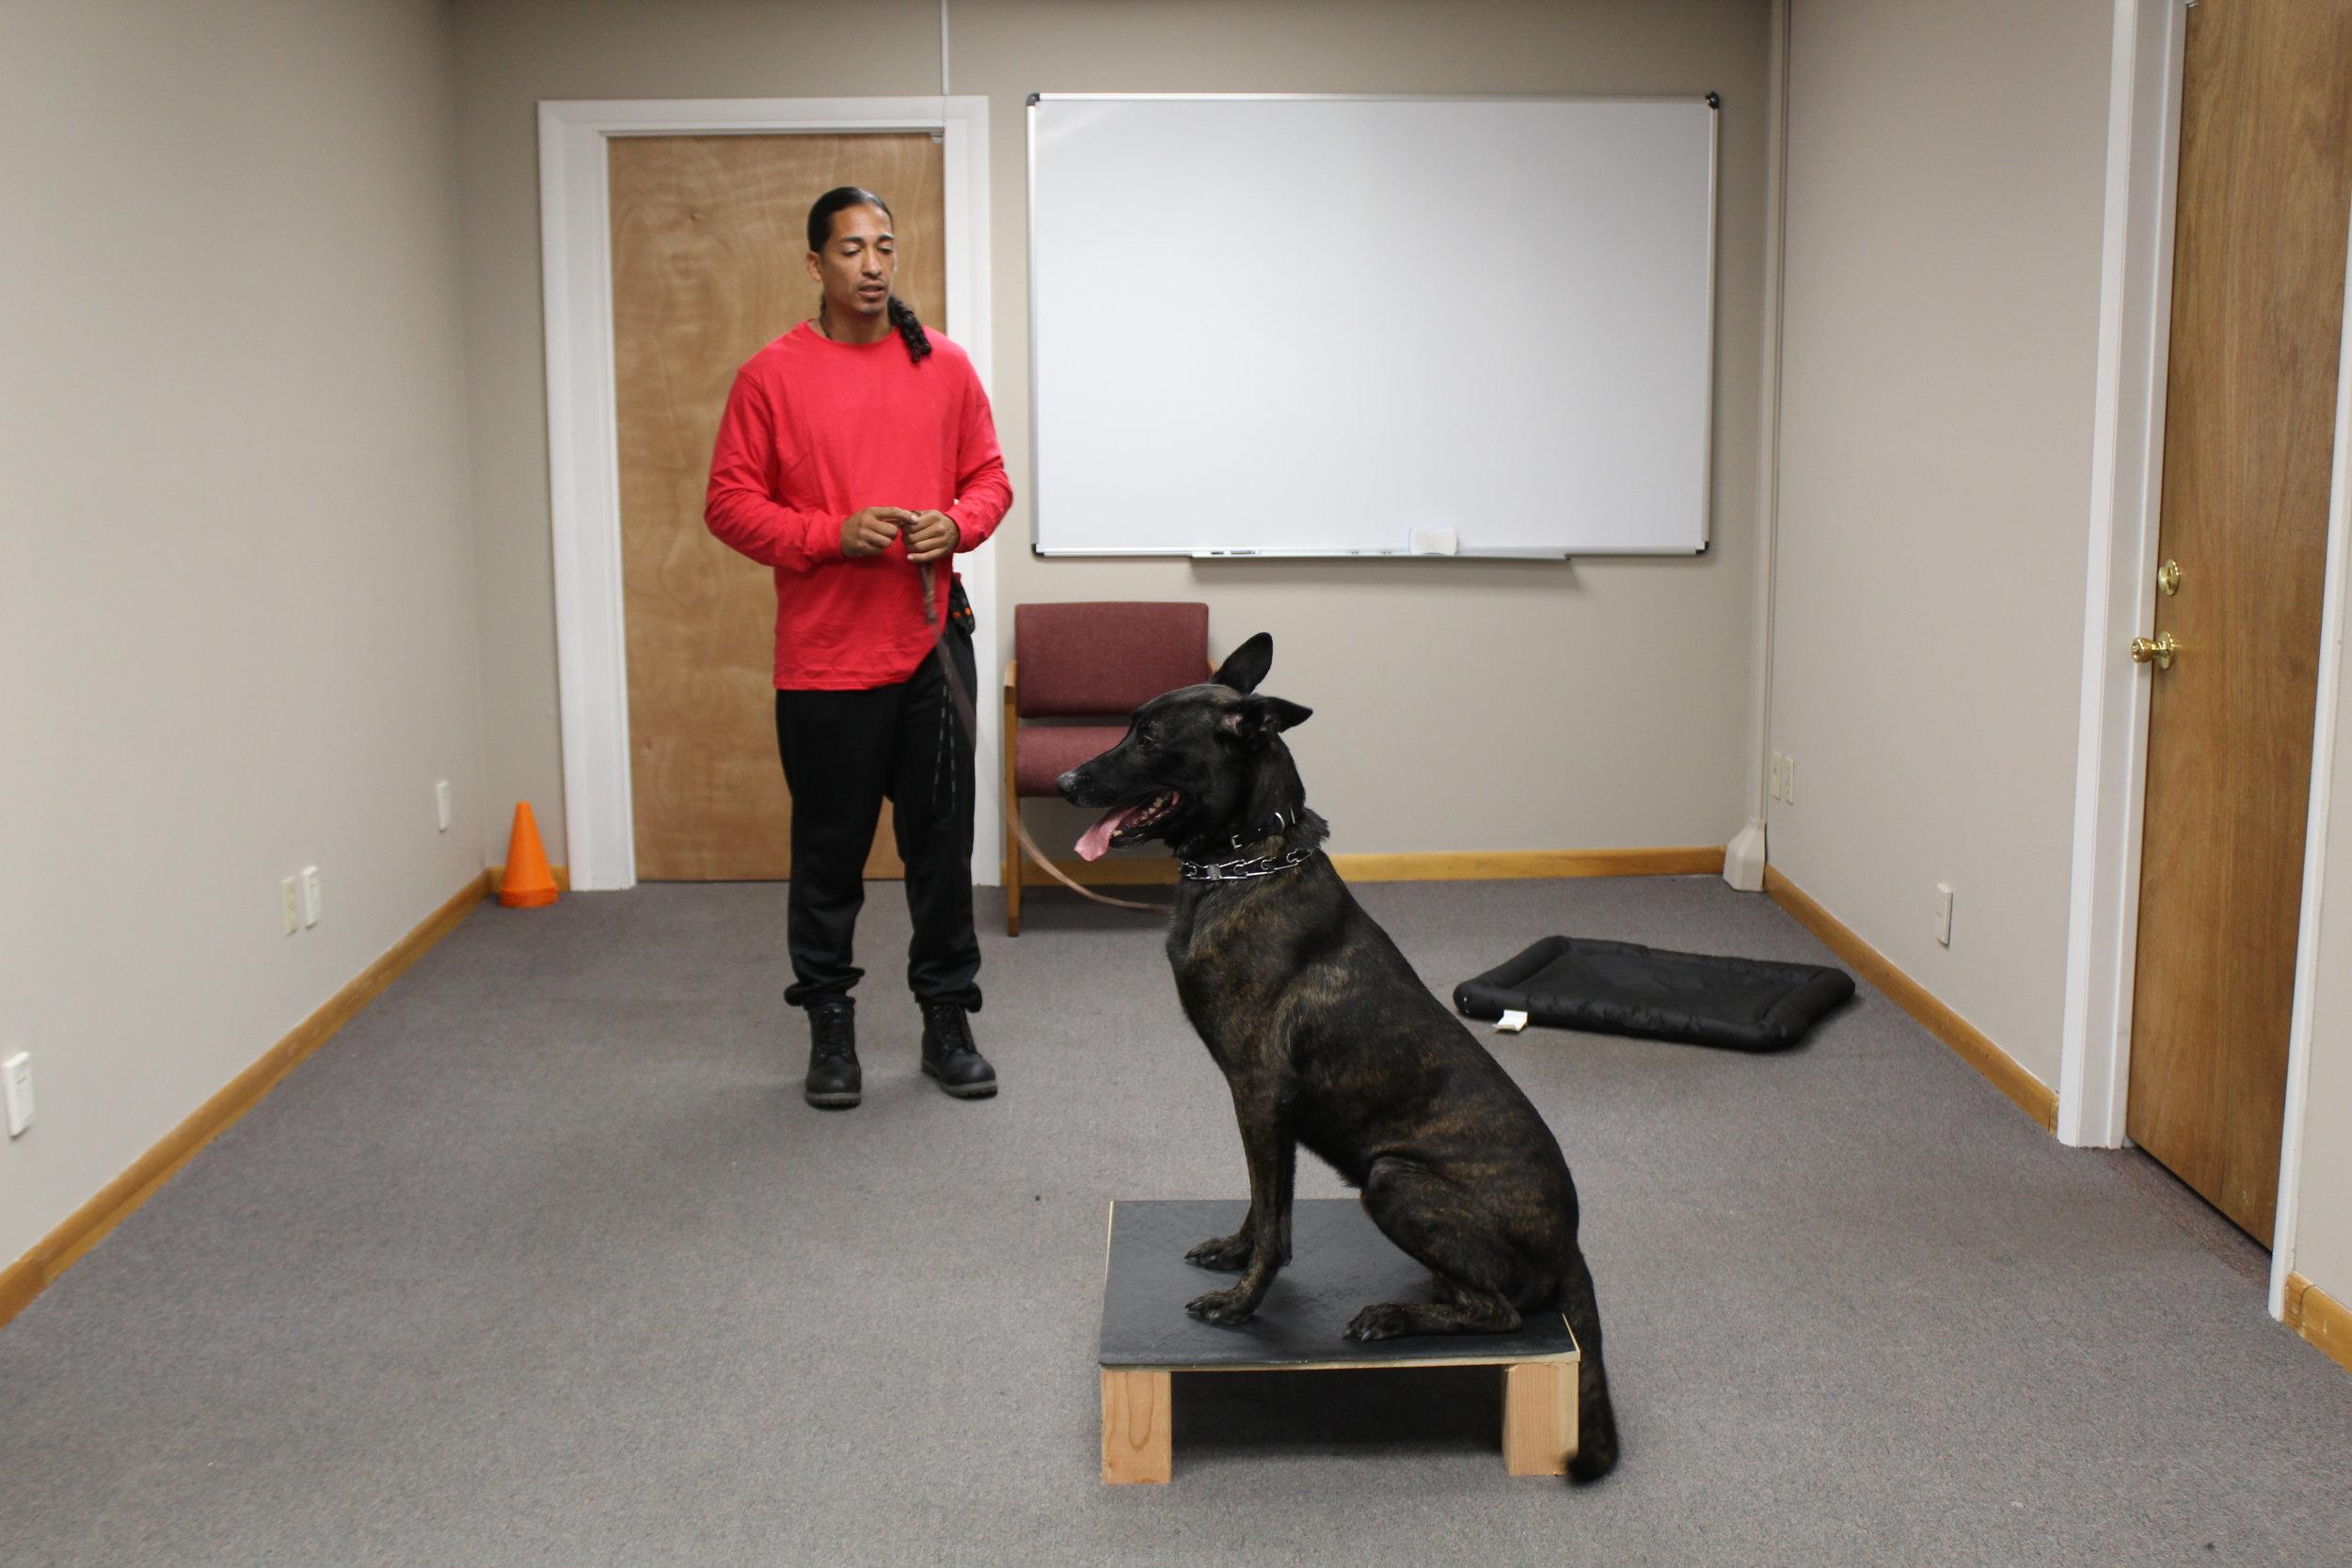 havoc nate the dog man training